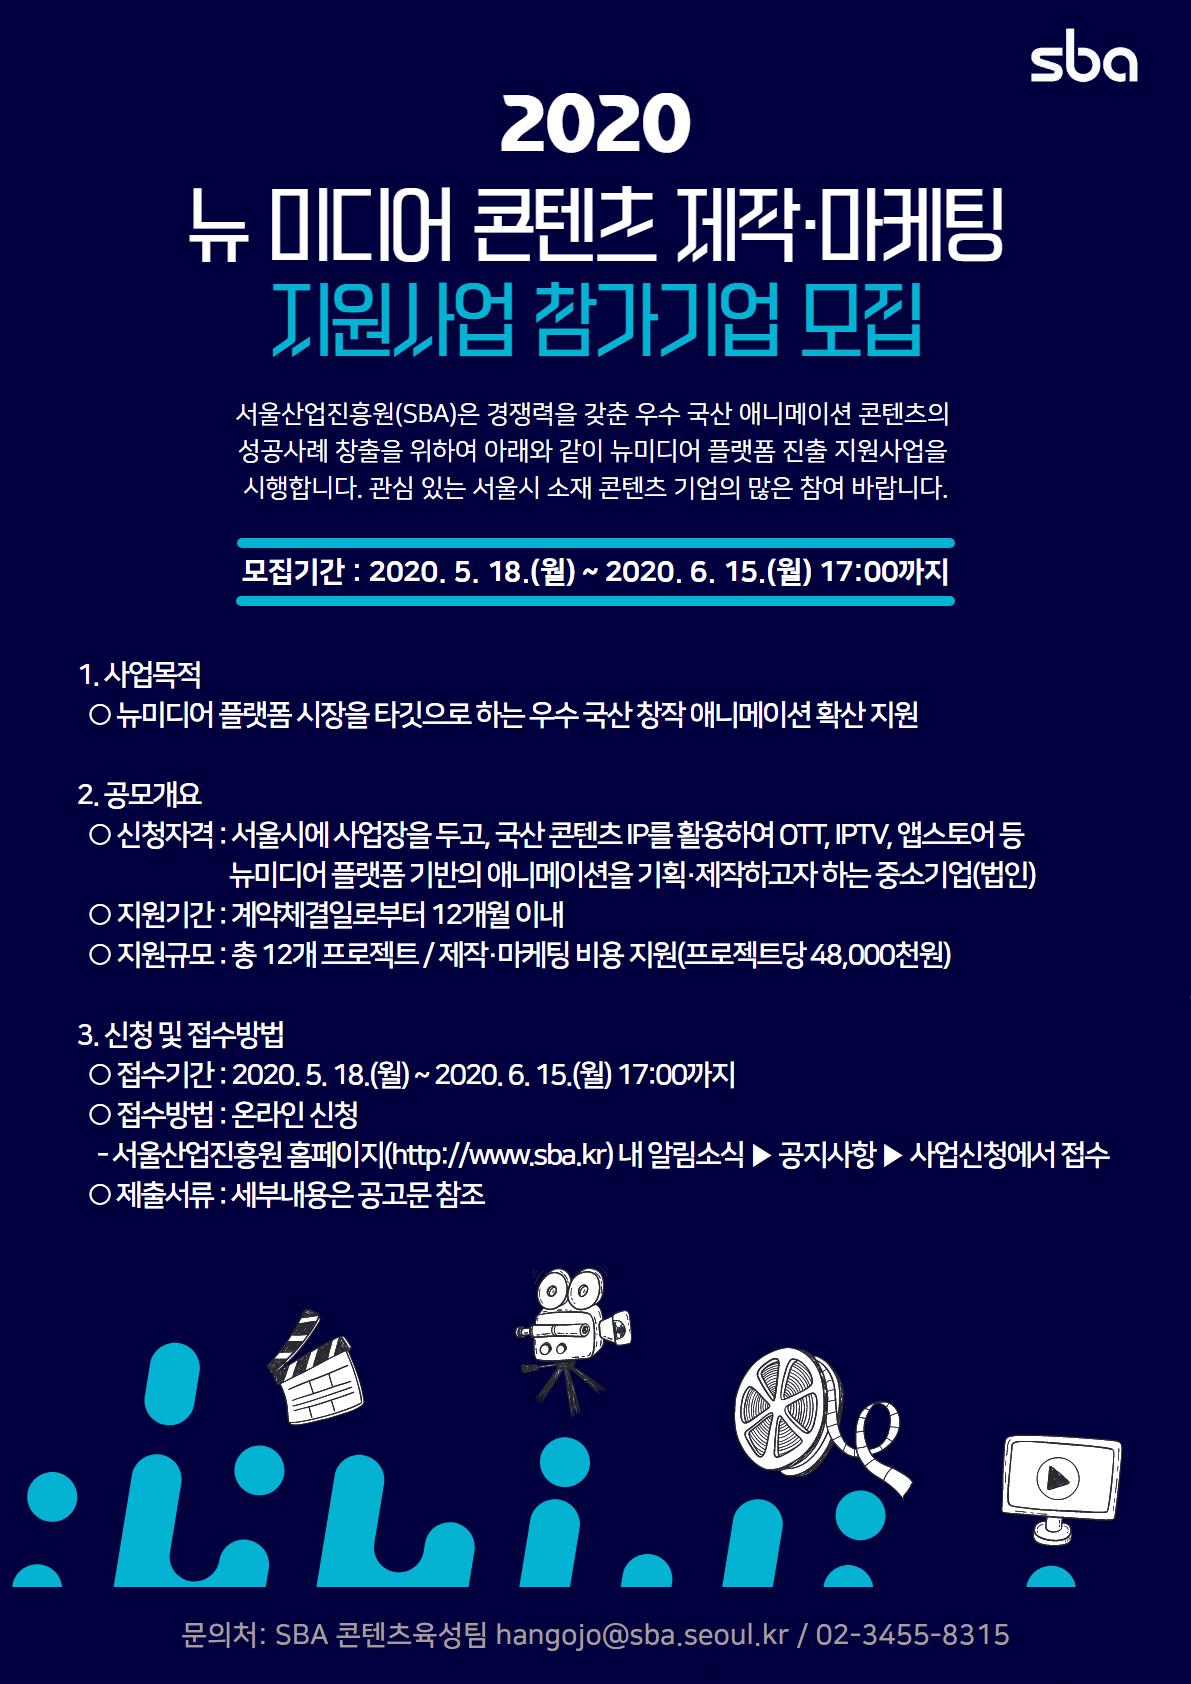 2. 포스터_뉴미디어 콘텐츠 제작마케팅 지원사업_SBA.png